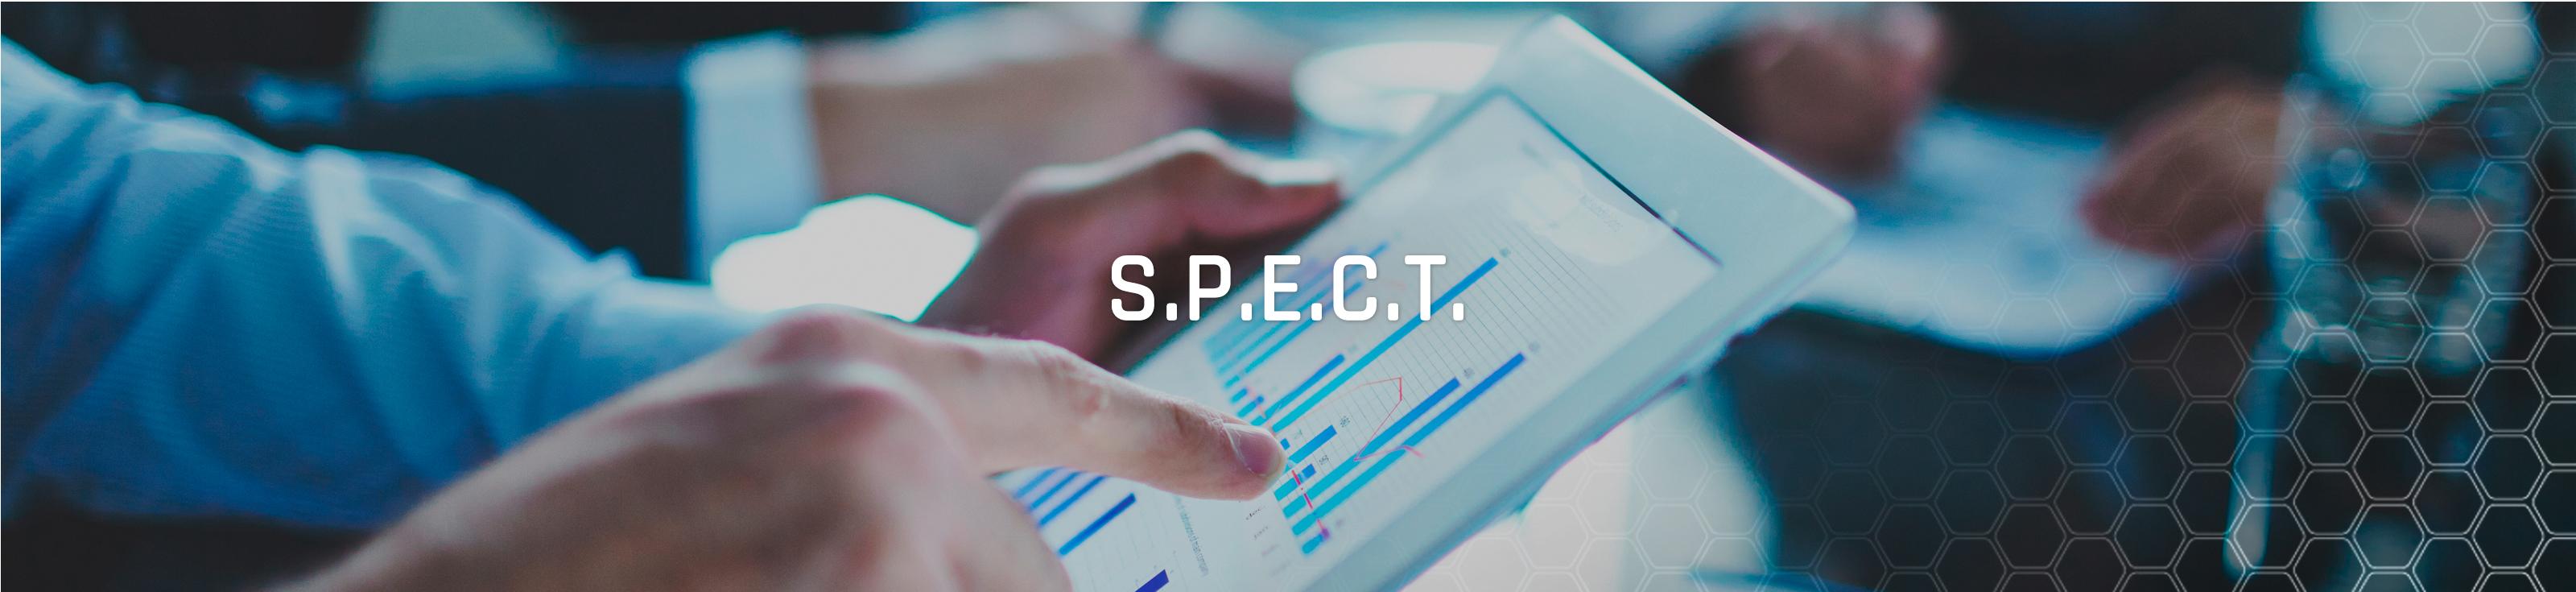 Slider_spect4_ps